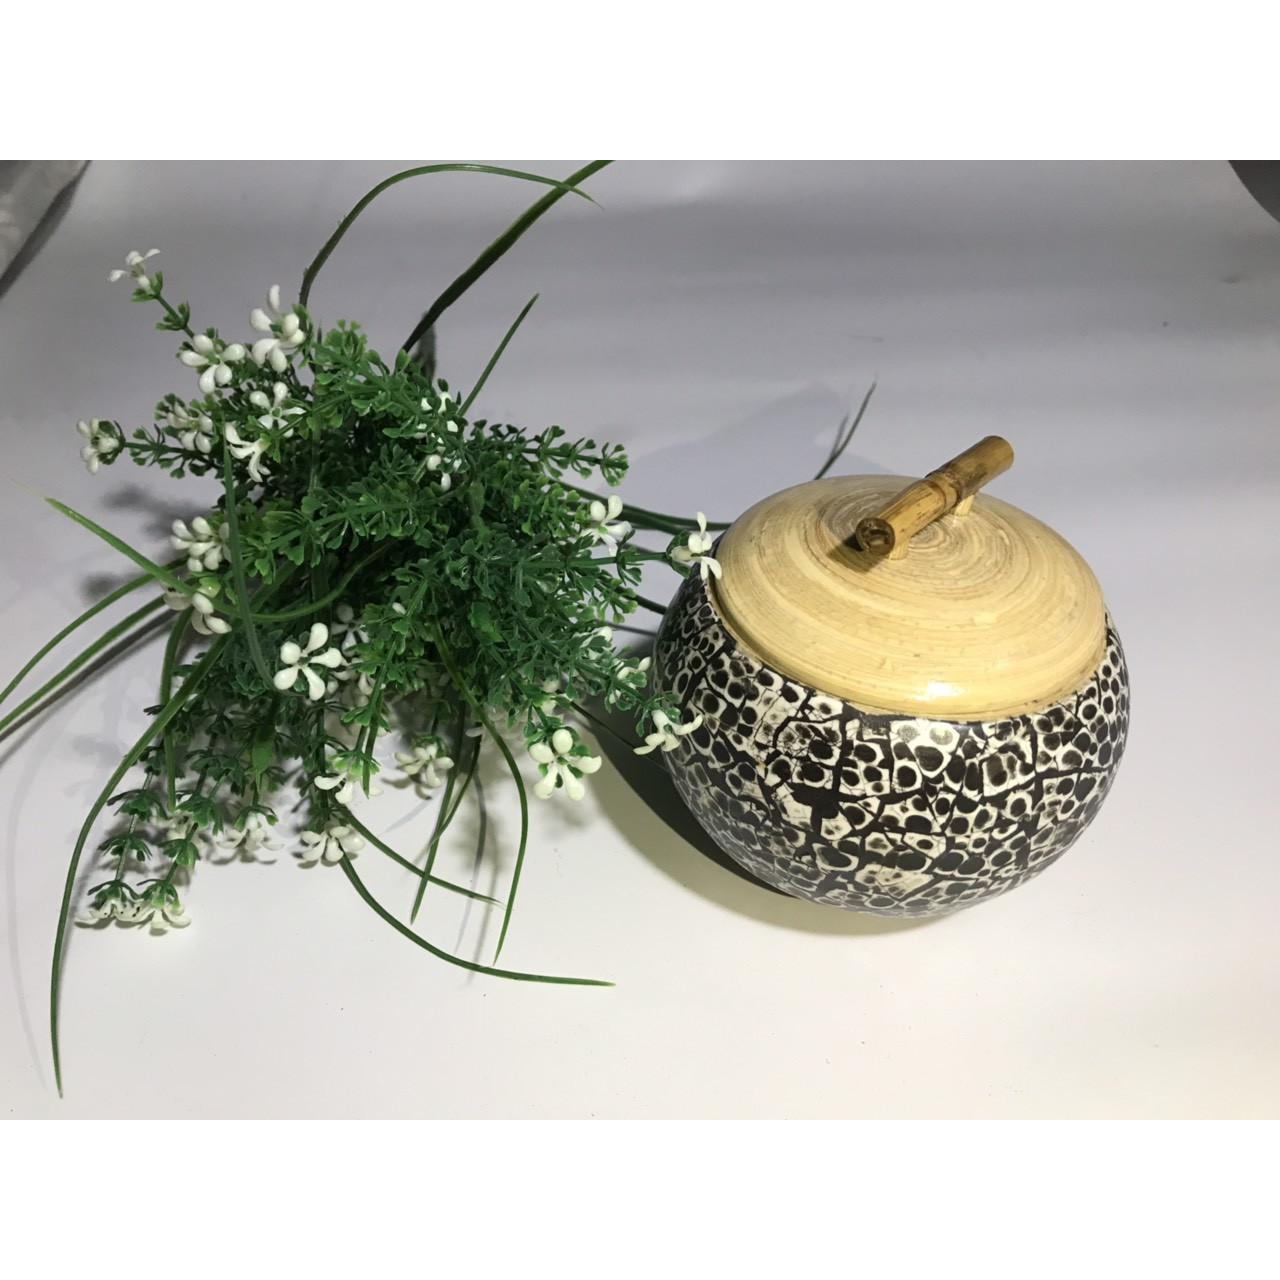 Hũ tre khảm trứng đựng mứt kẹo, hạt hướng dương, trà xanh rửa được bằng nước (màu đen)